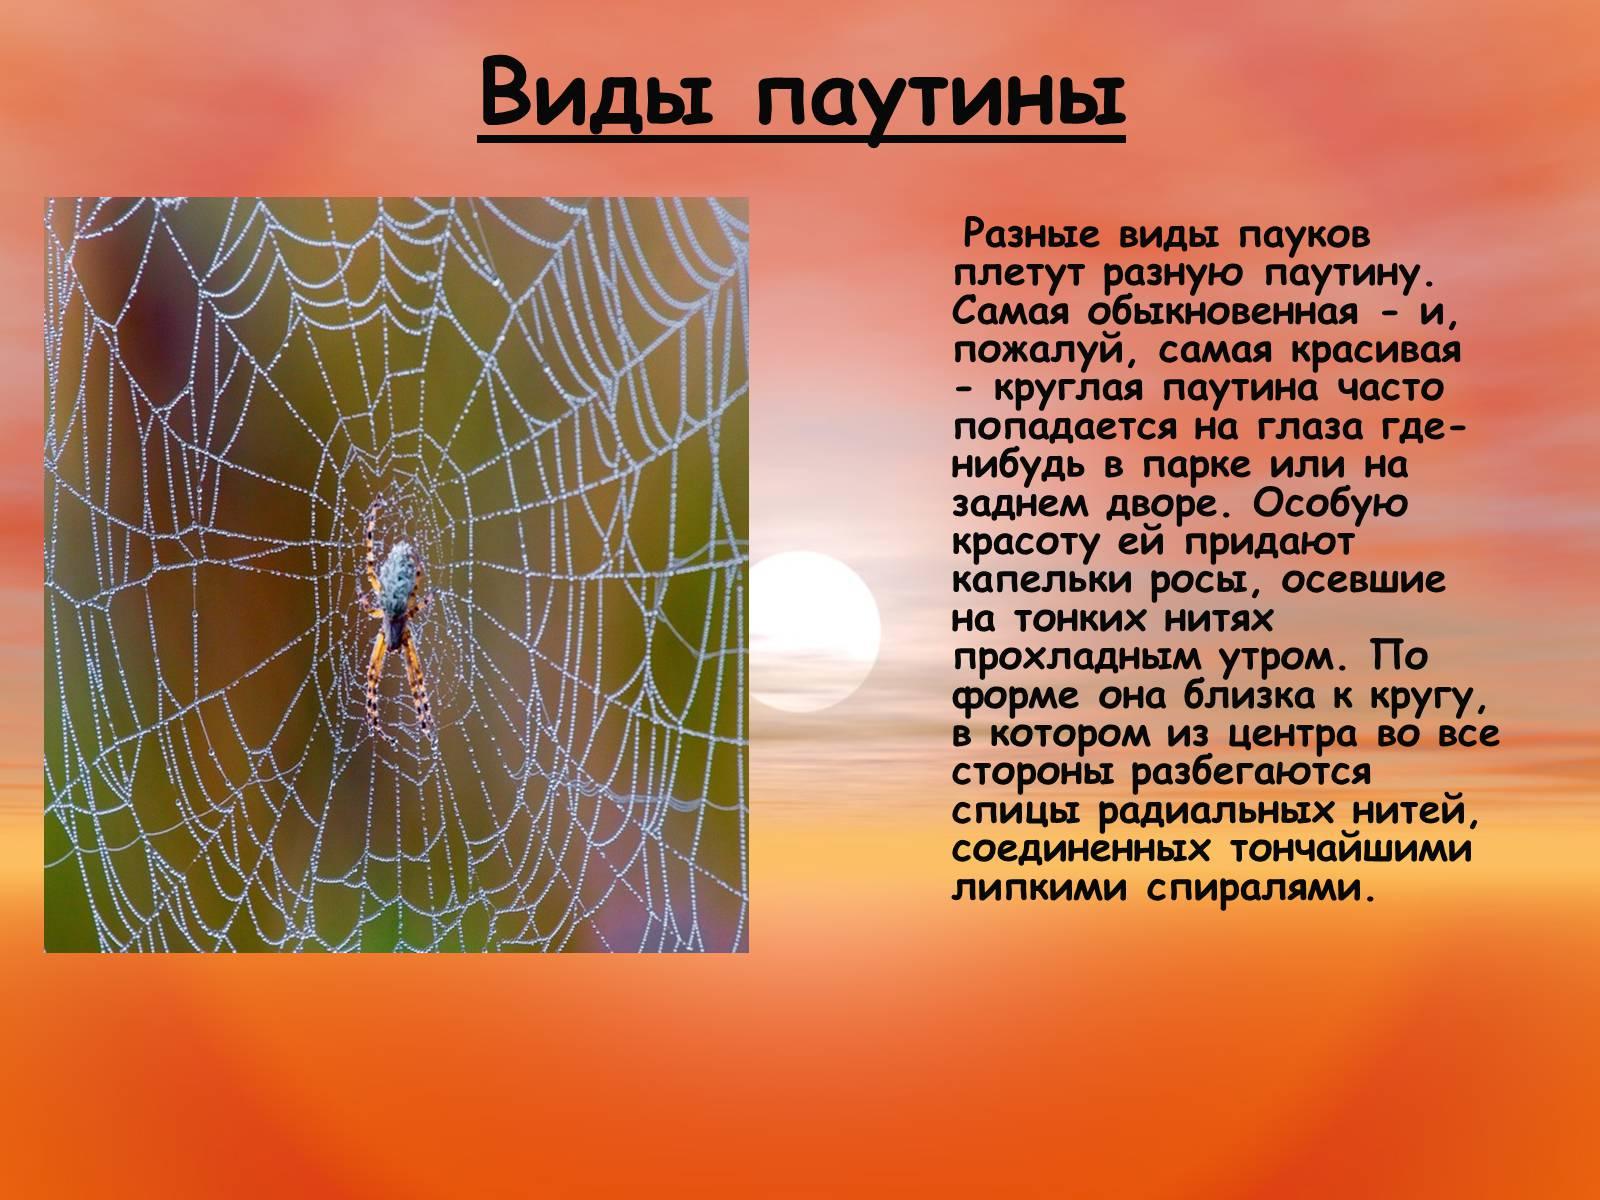 Рассказы о пауках и картинки пауков